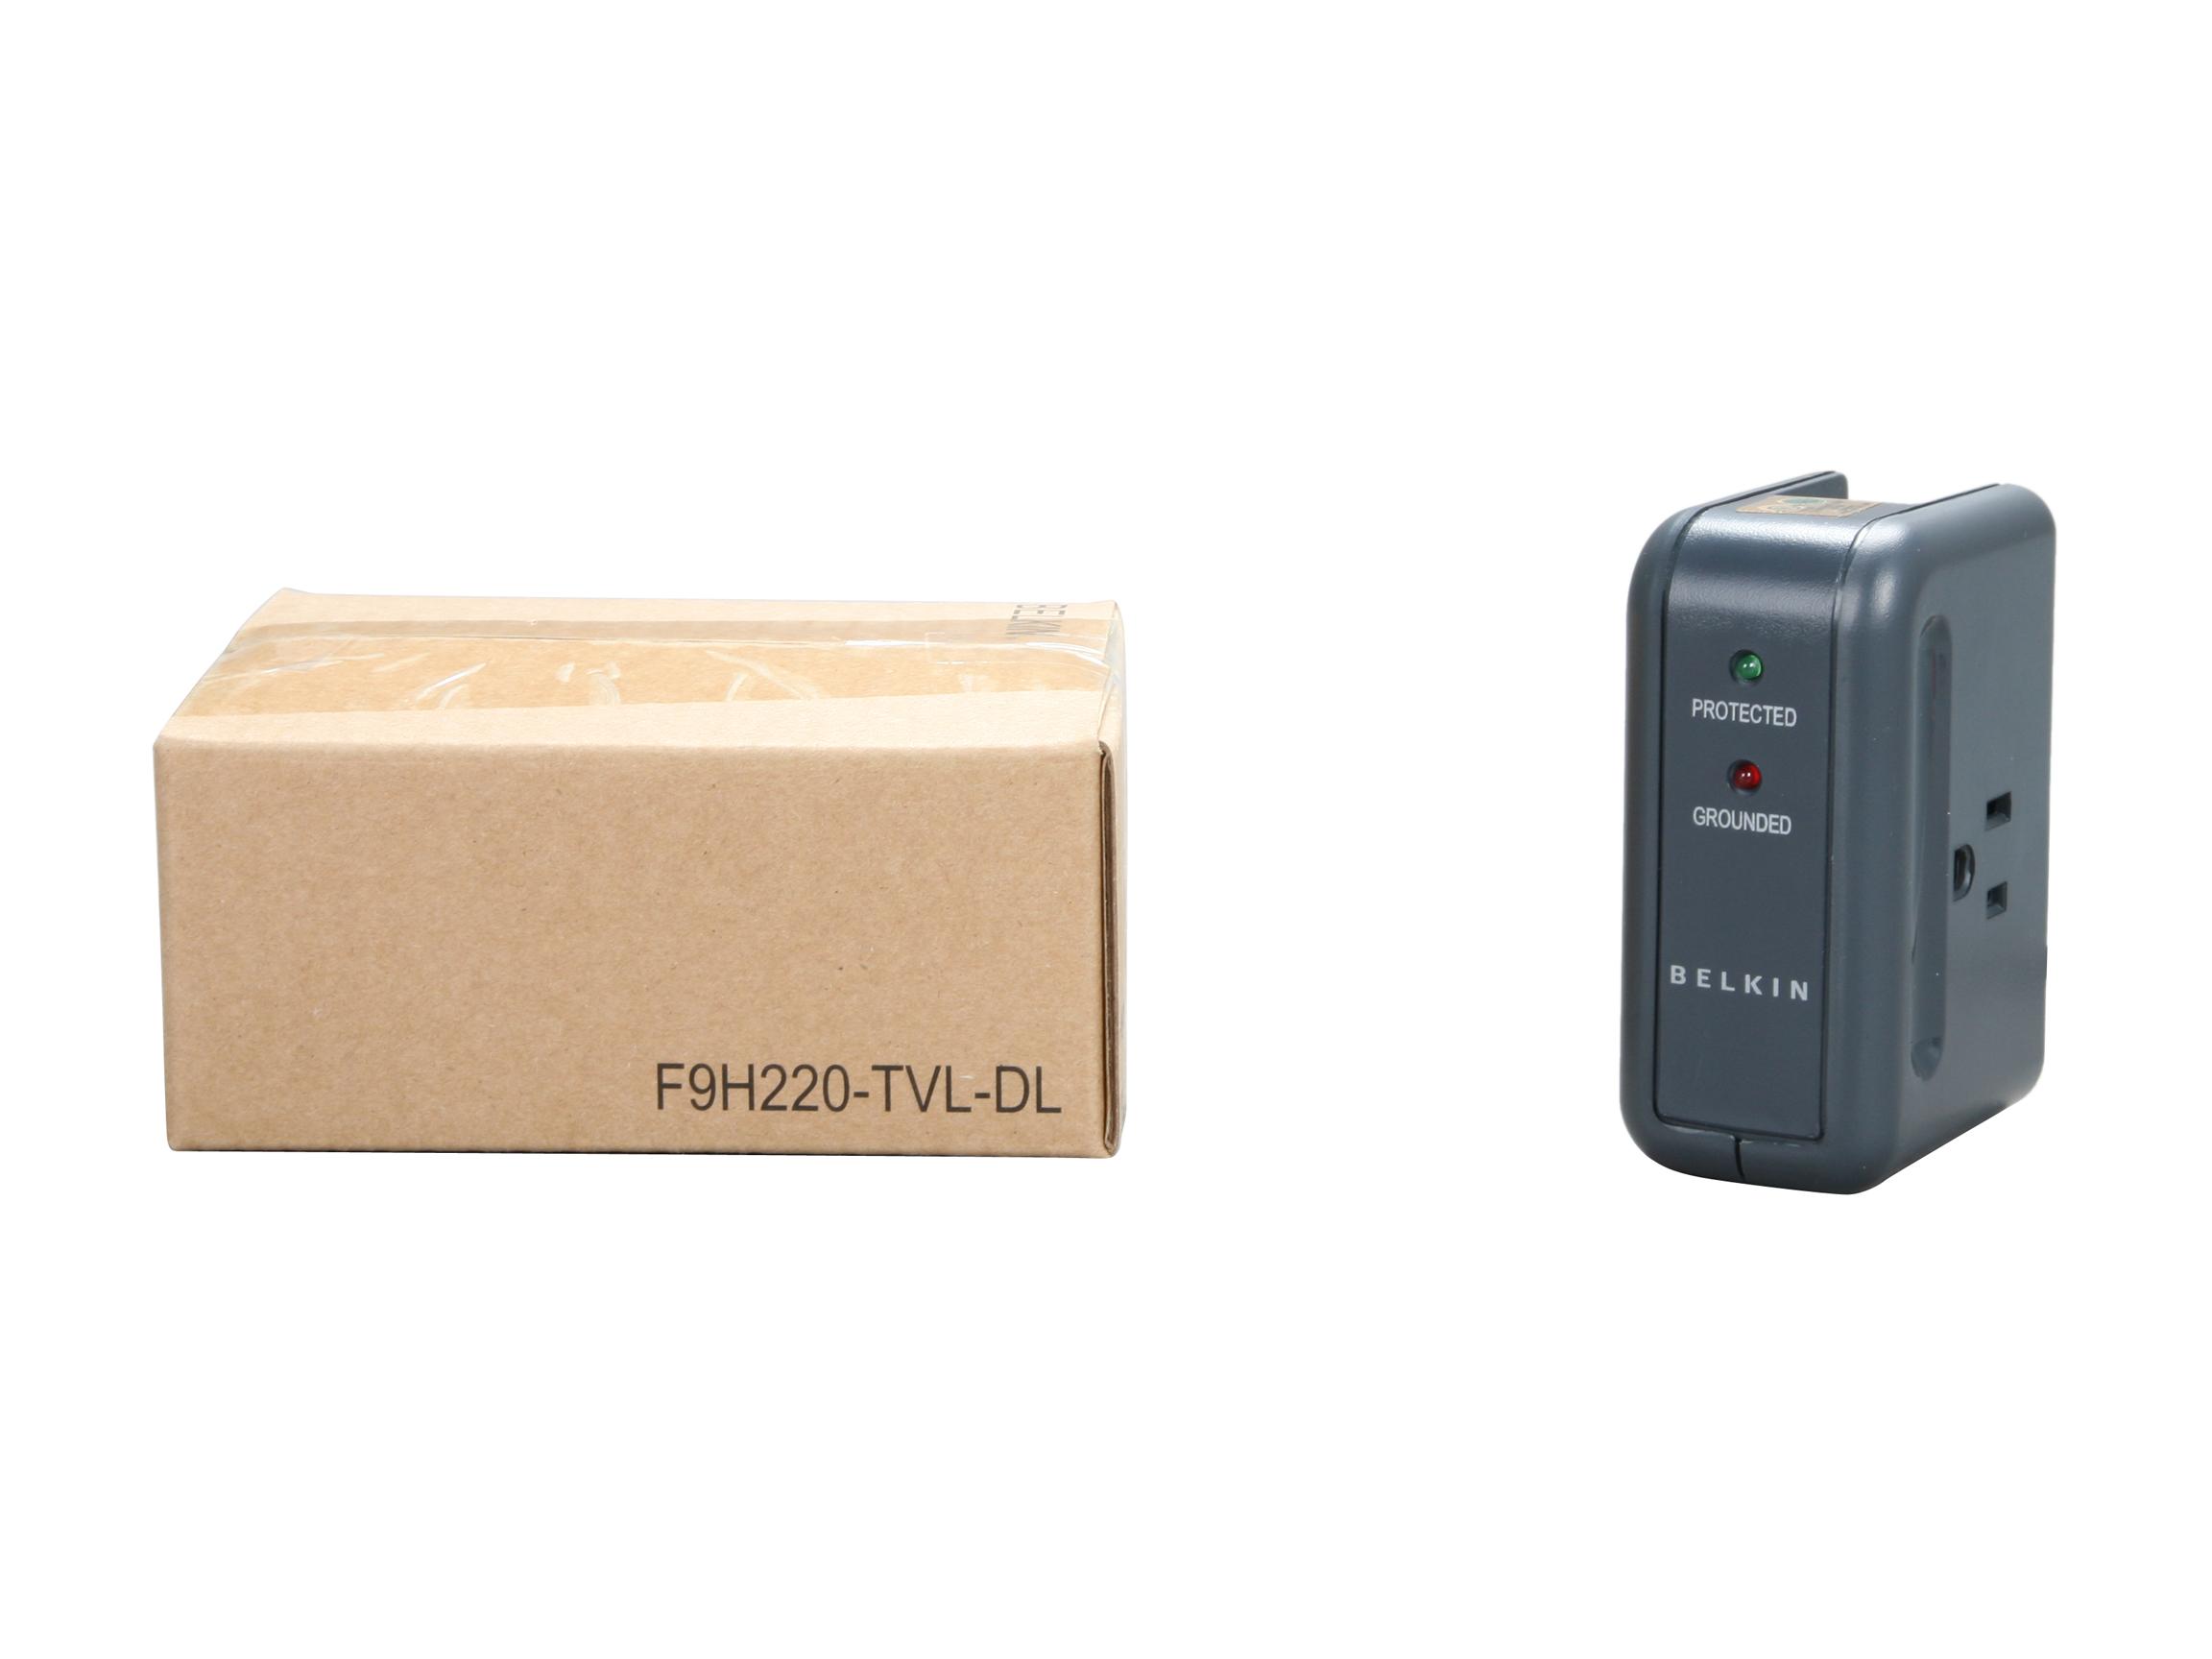 Belkin 3-Outlet Mini Travel giratorio Cargador protector contra sobretensiones con puertos USB duales, 5 Outlets de carga